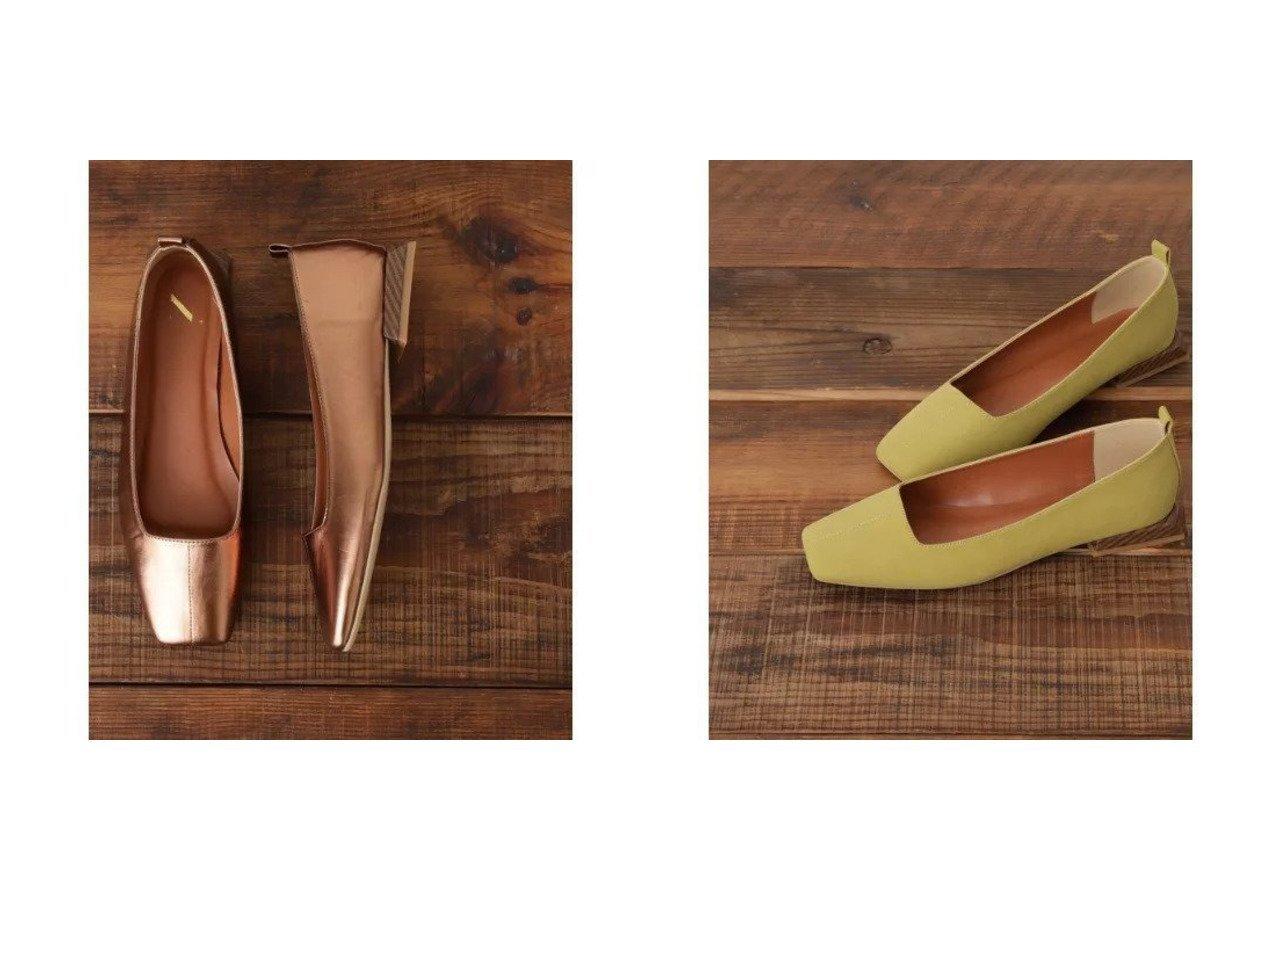 【N.Natural Beauty basic/エヌ ナチュラルビューティーベーシック】のオーバーヒールスクエアパンプス シューズ・靴のおすすめ!人気、トレンド・レディースファッションの通販 おすすめで人気の流行・トレンド、ファッションの通販商品 メンズファッション・キッズファッション・インテリア・家具・レディースファッション・服の通販 founy(ファニー) https://founy.com/ ファッション Fashion レディースファッション WOMEN シューズ スリム デニム トレンド ベーシック ワイド  ID:crp329100000014687